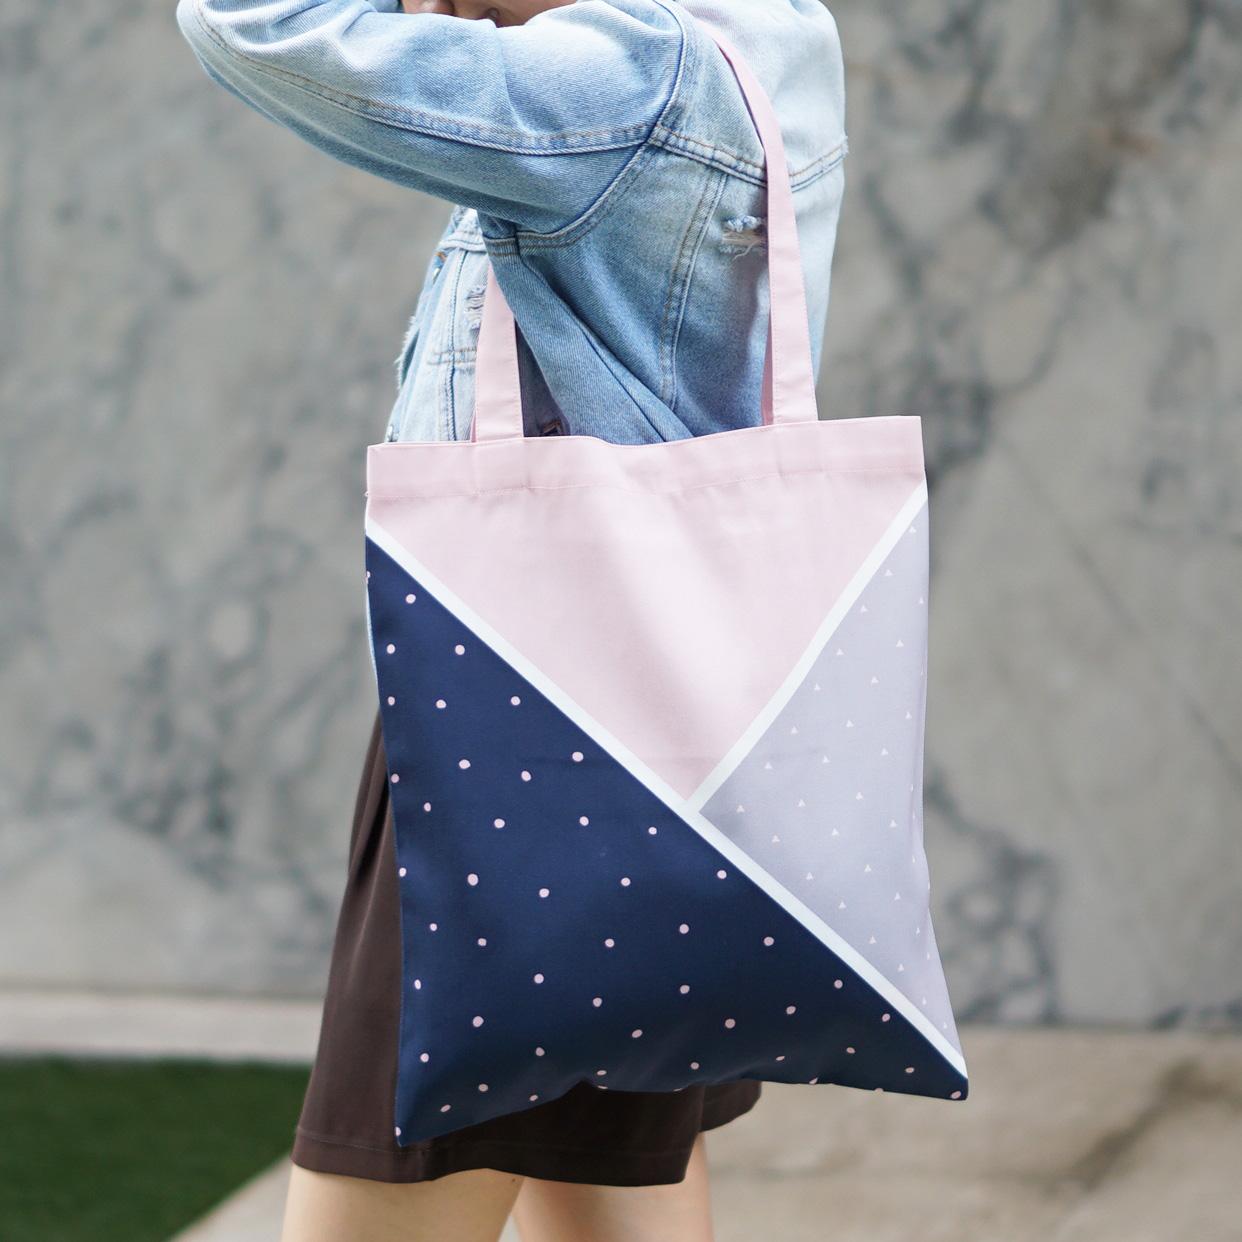 กระเป๋าผ้าแคนวาสพร้อมส่ง ลาย Triangle Pink Grey Navy